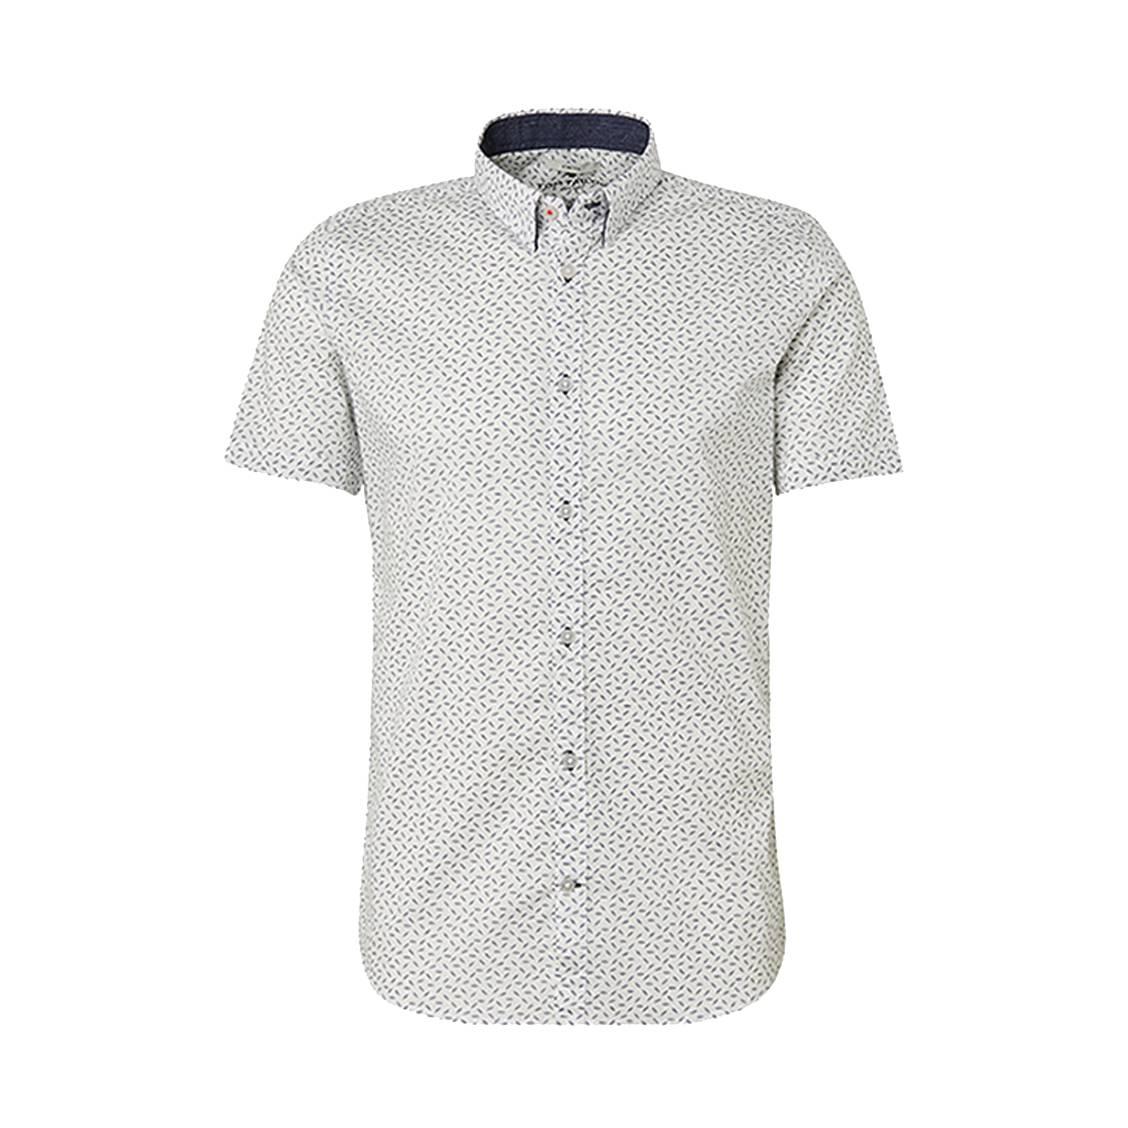 Chemise ajustée manches courtes  floyd en coton stretch blanch à imprimé feuilles bleu marine